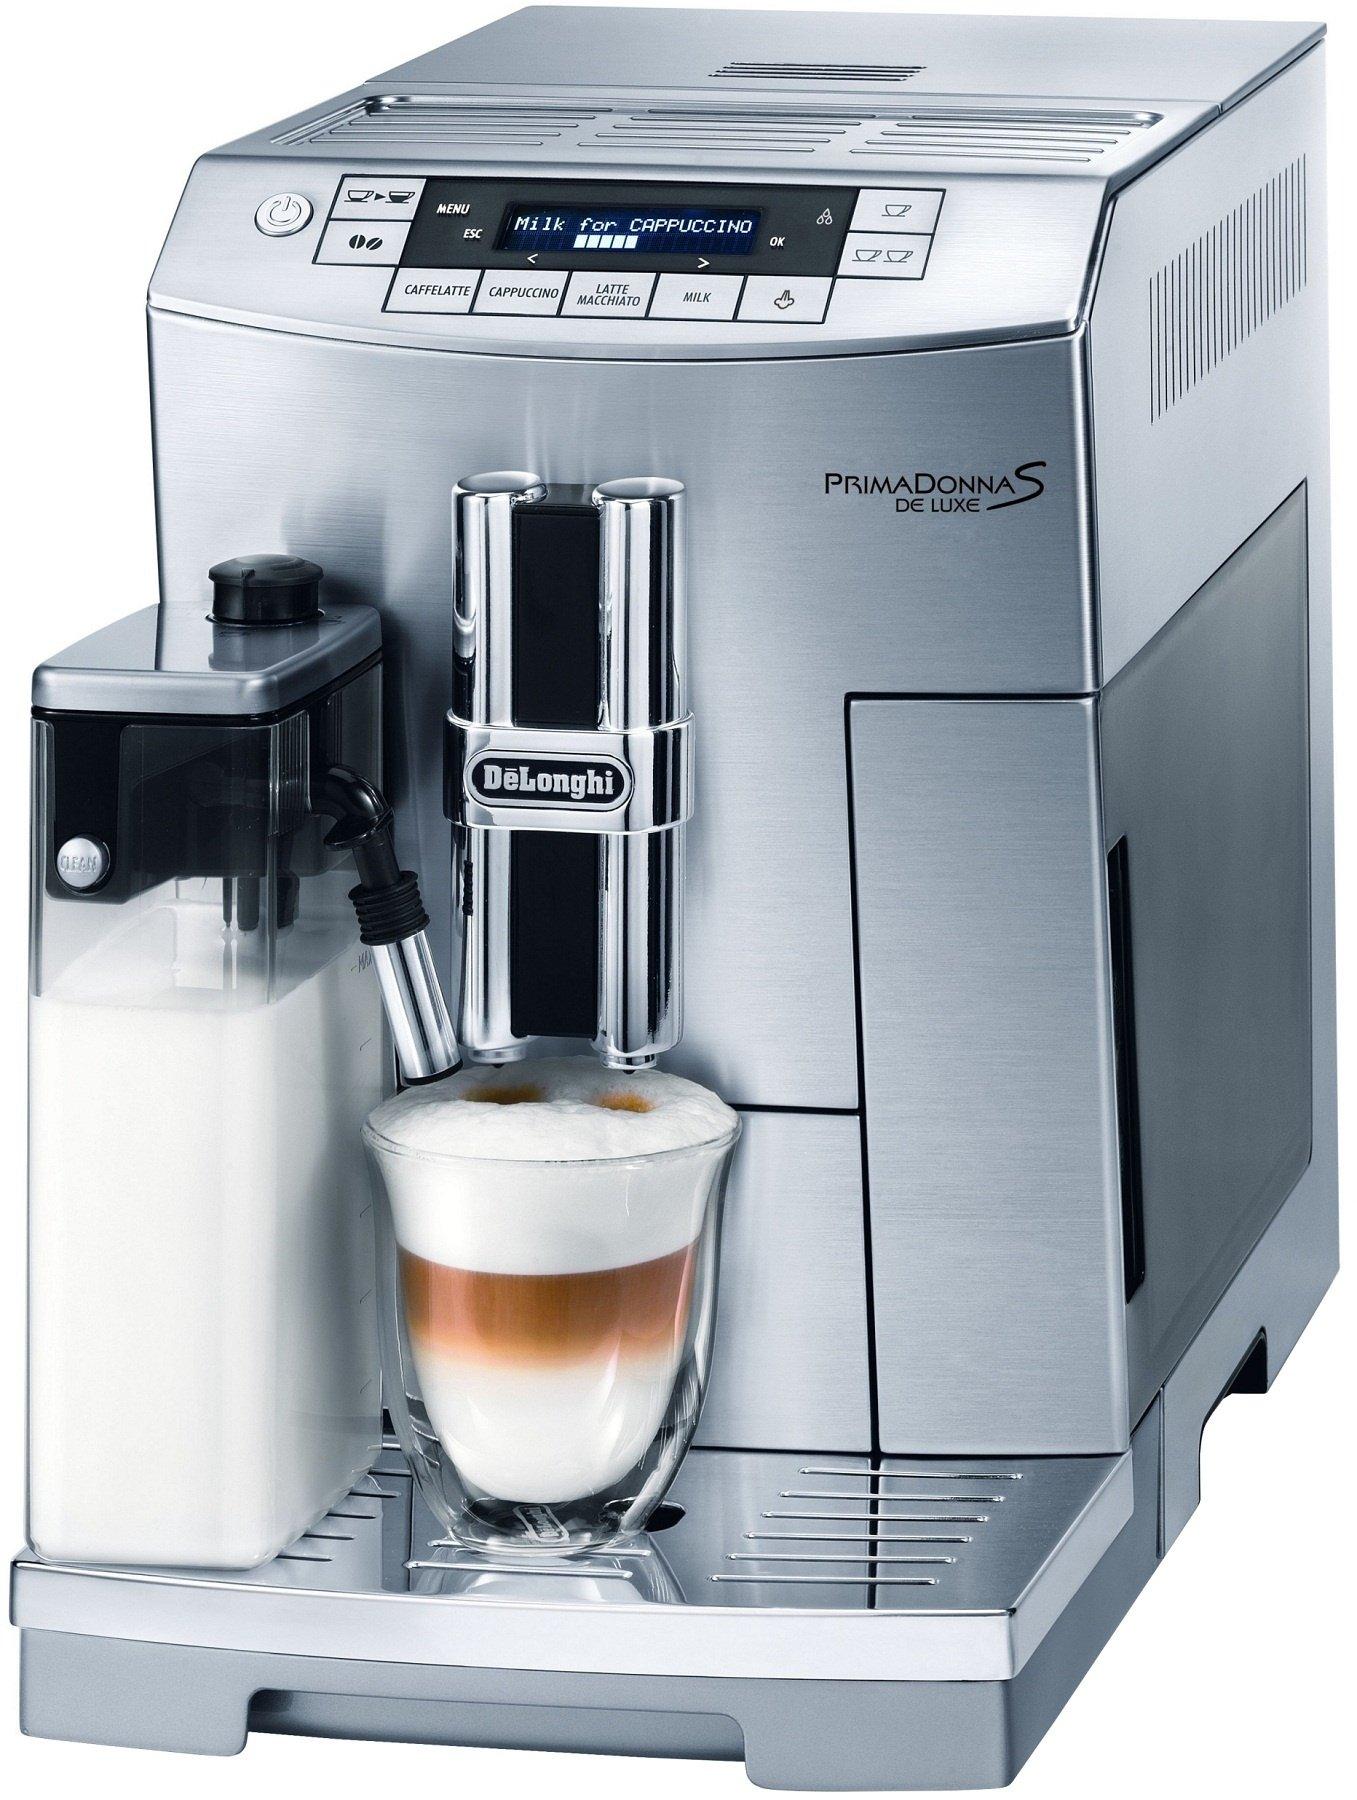 DeLonghi ECAM26455 Máquina espresso 2L 2tazas Plata - Cafetera (Máquina espresso, 2 L, Molinillo integrado, 1450 W, Plata): Amazon.es: Hogar